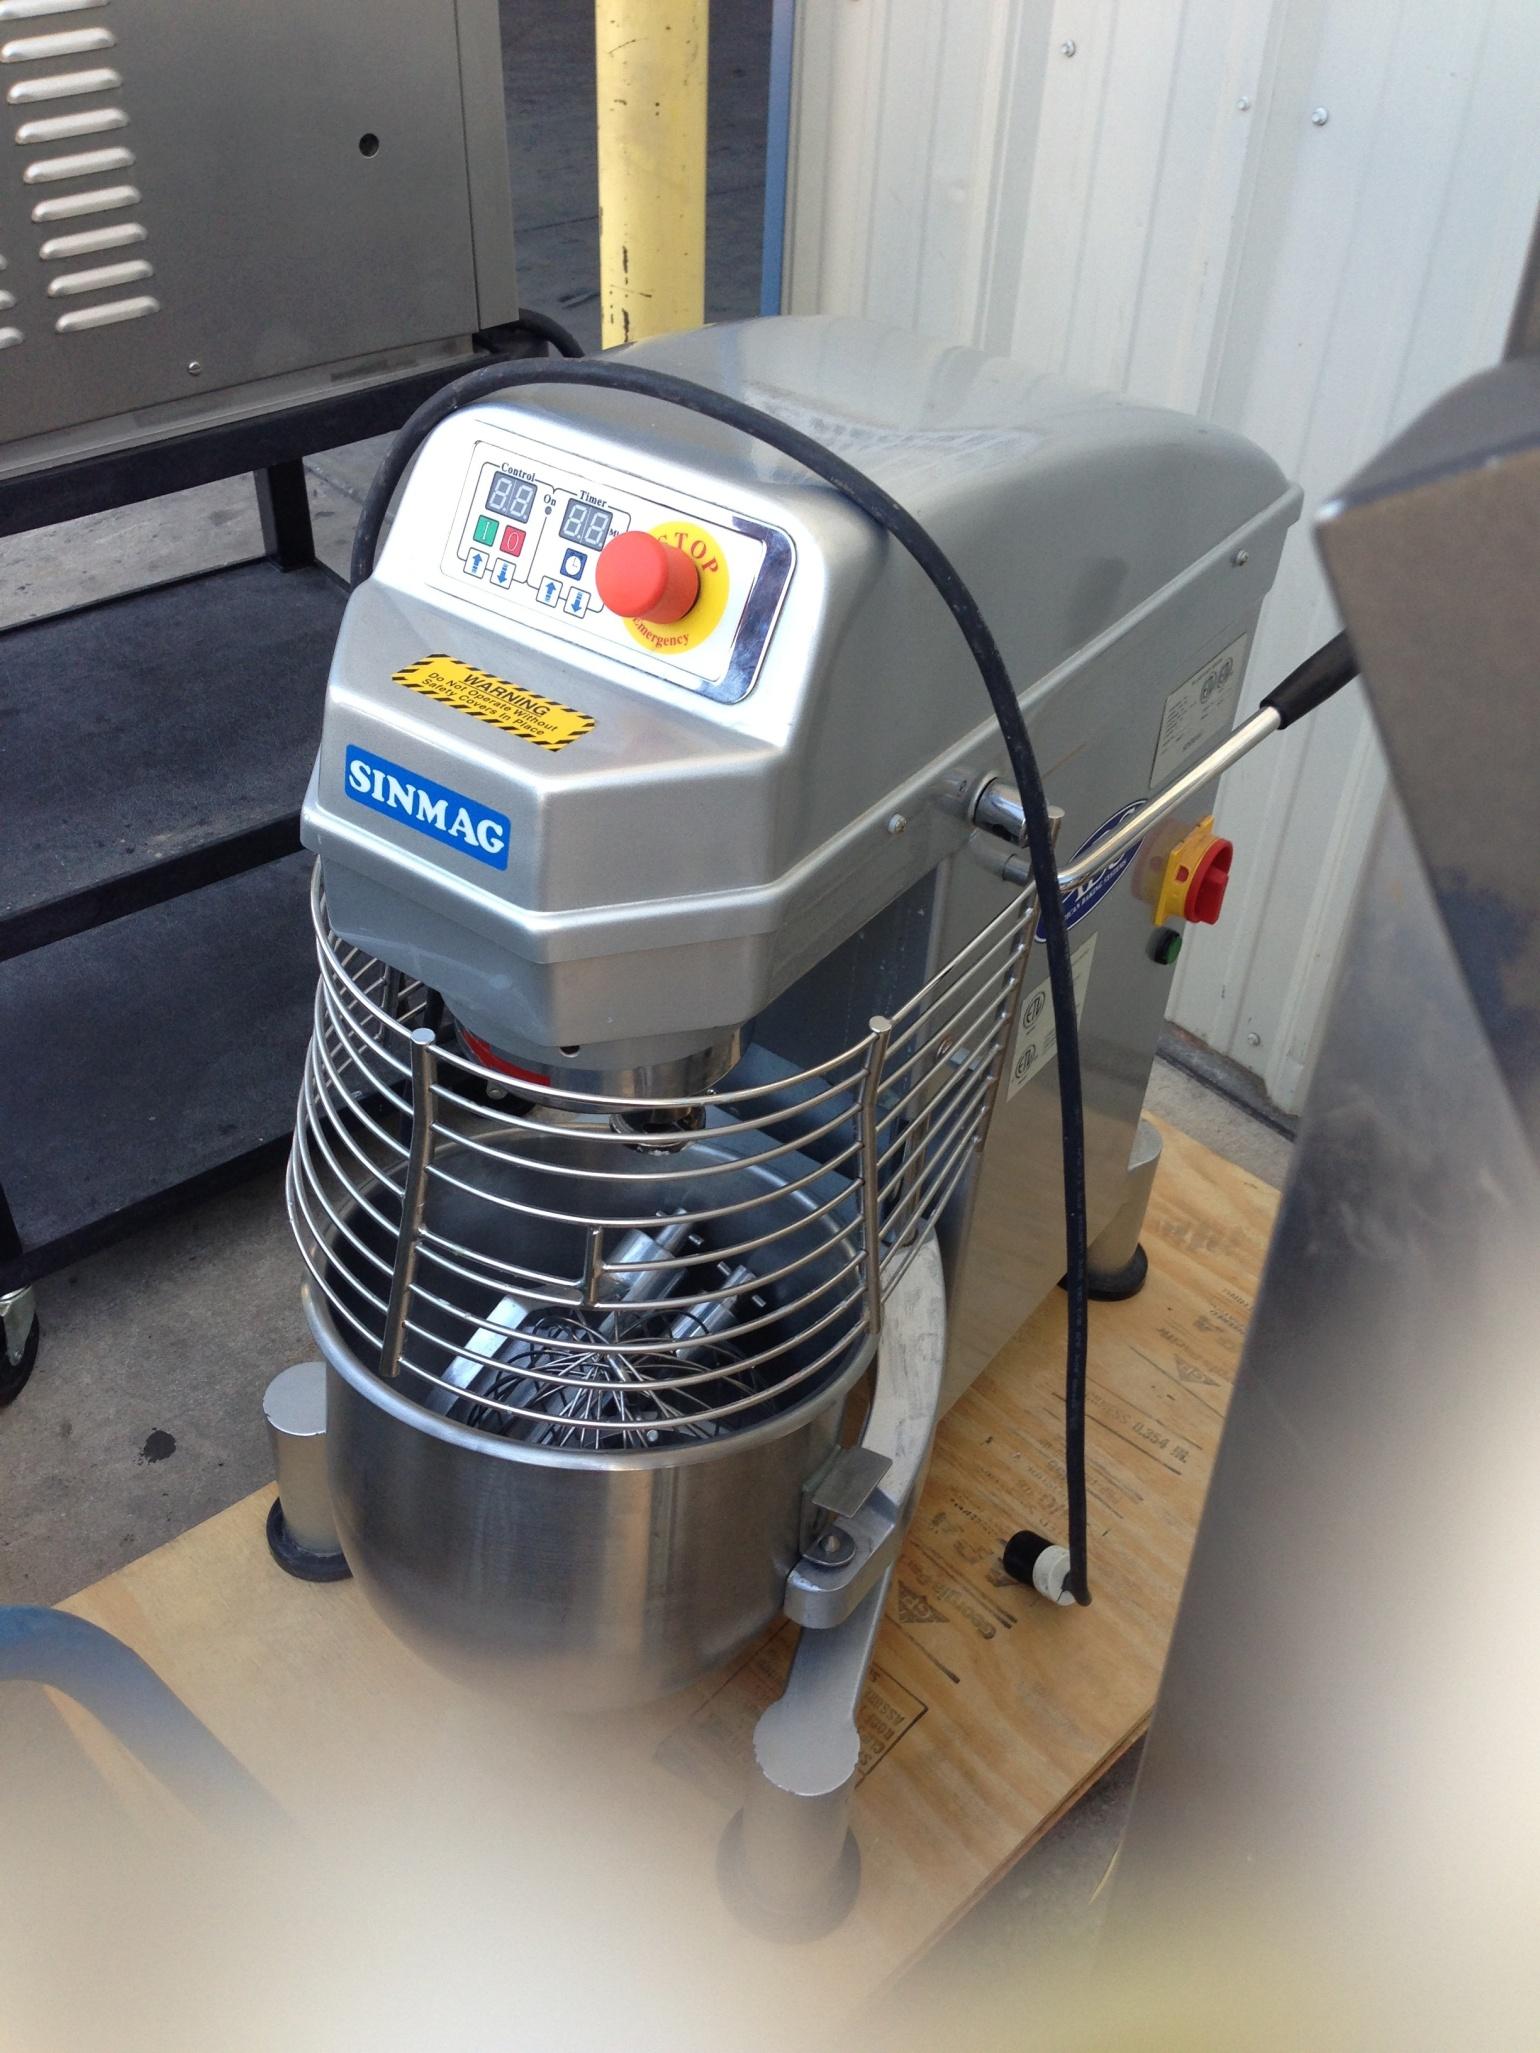 Sinmag Dough Mixer